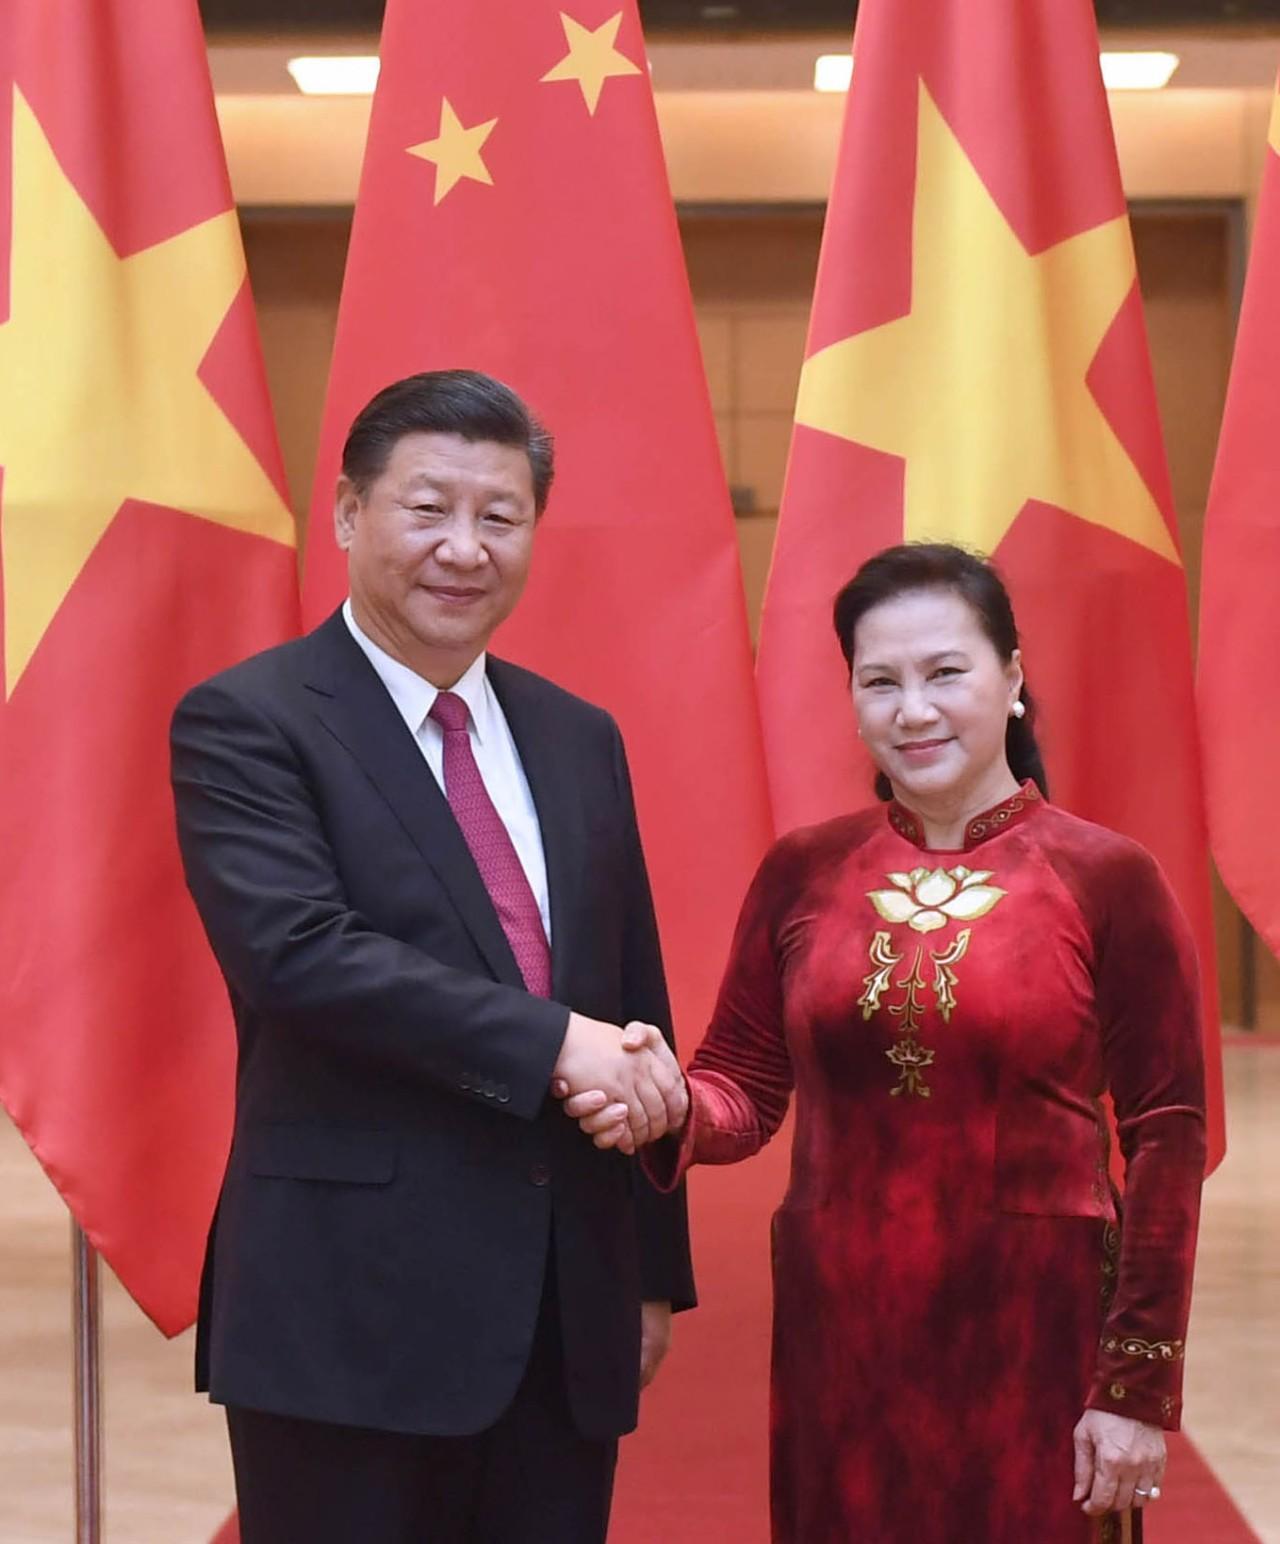 11月12日,中共中央总书记、国家主席习近平在河内会见越南国会主席阮氏金银。新华社记者张铎摄